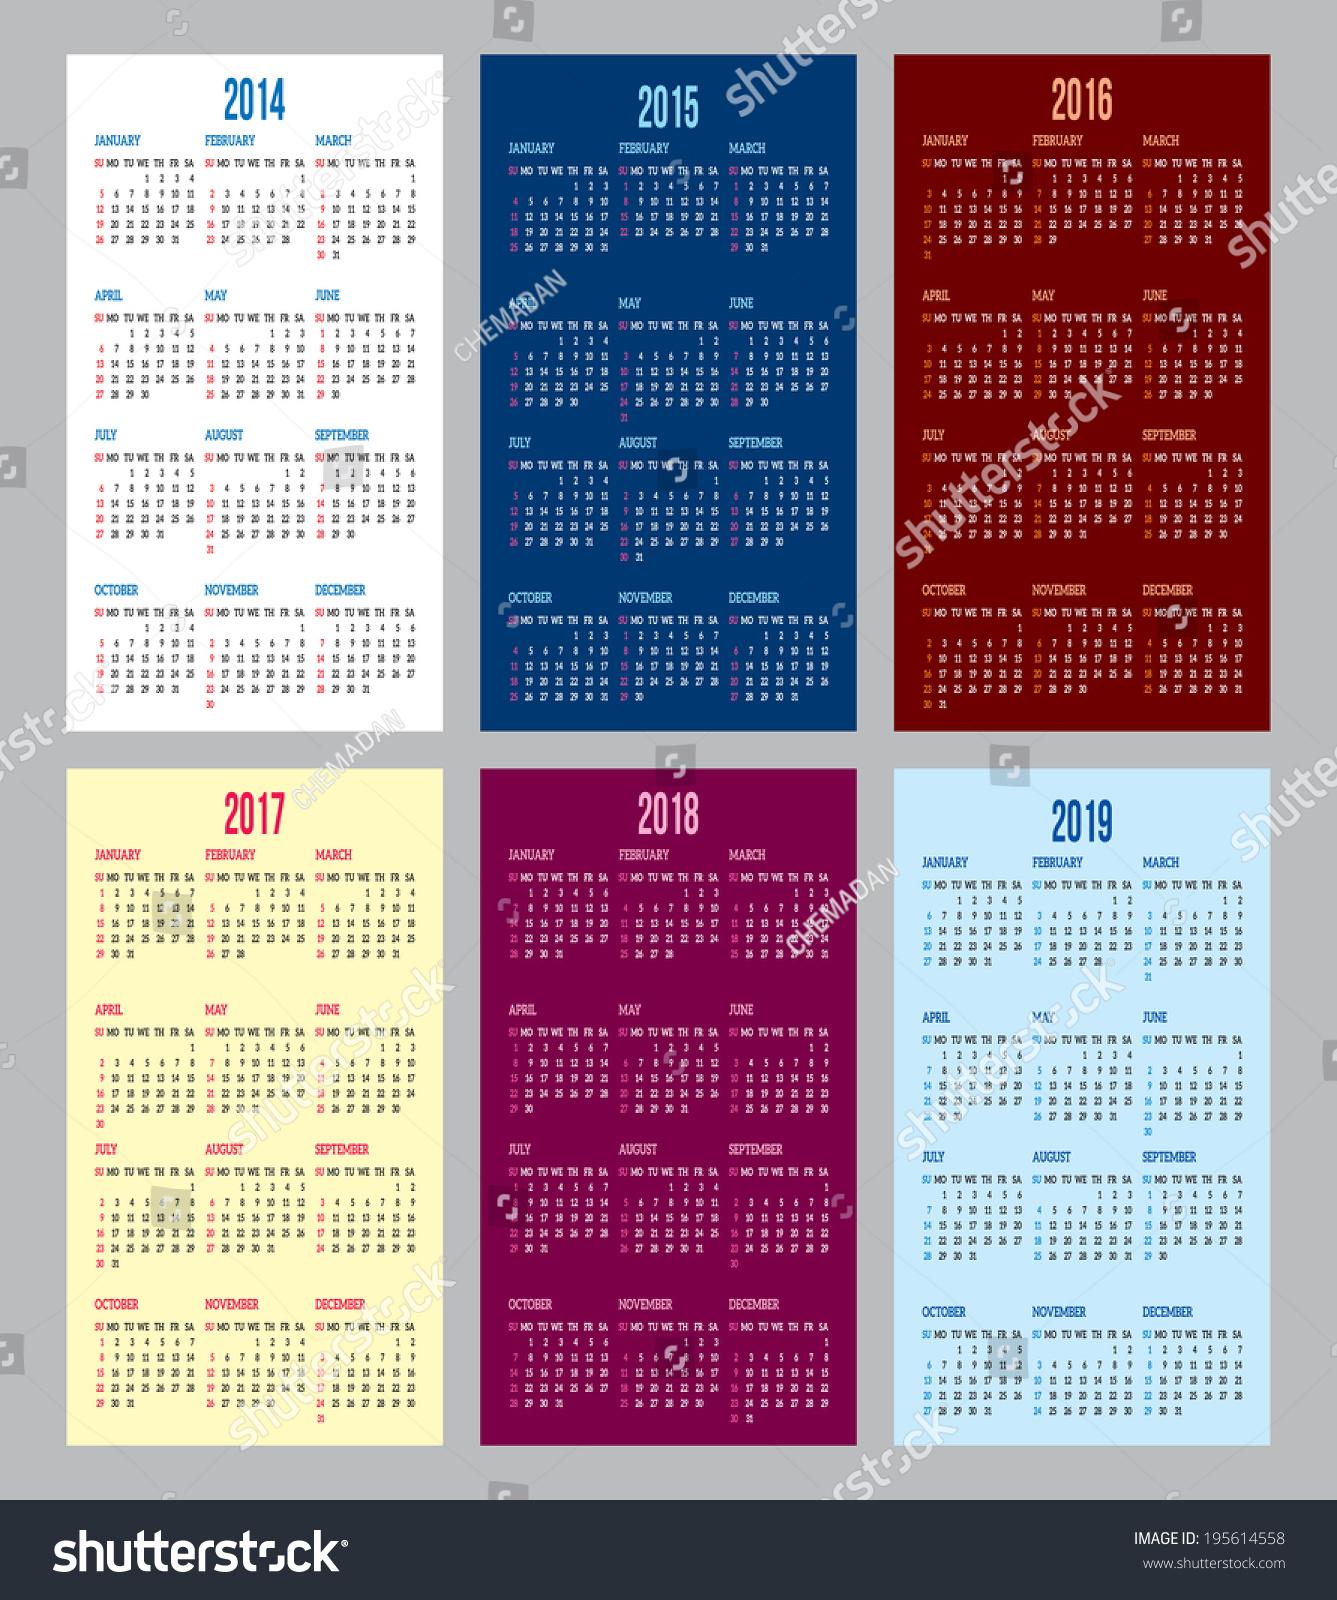 Программа календарь 2017-2018